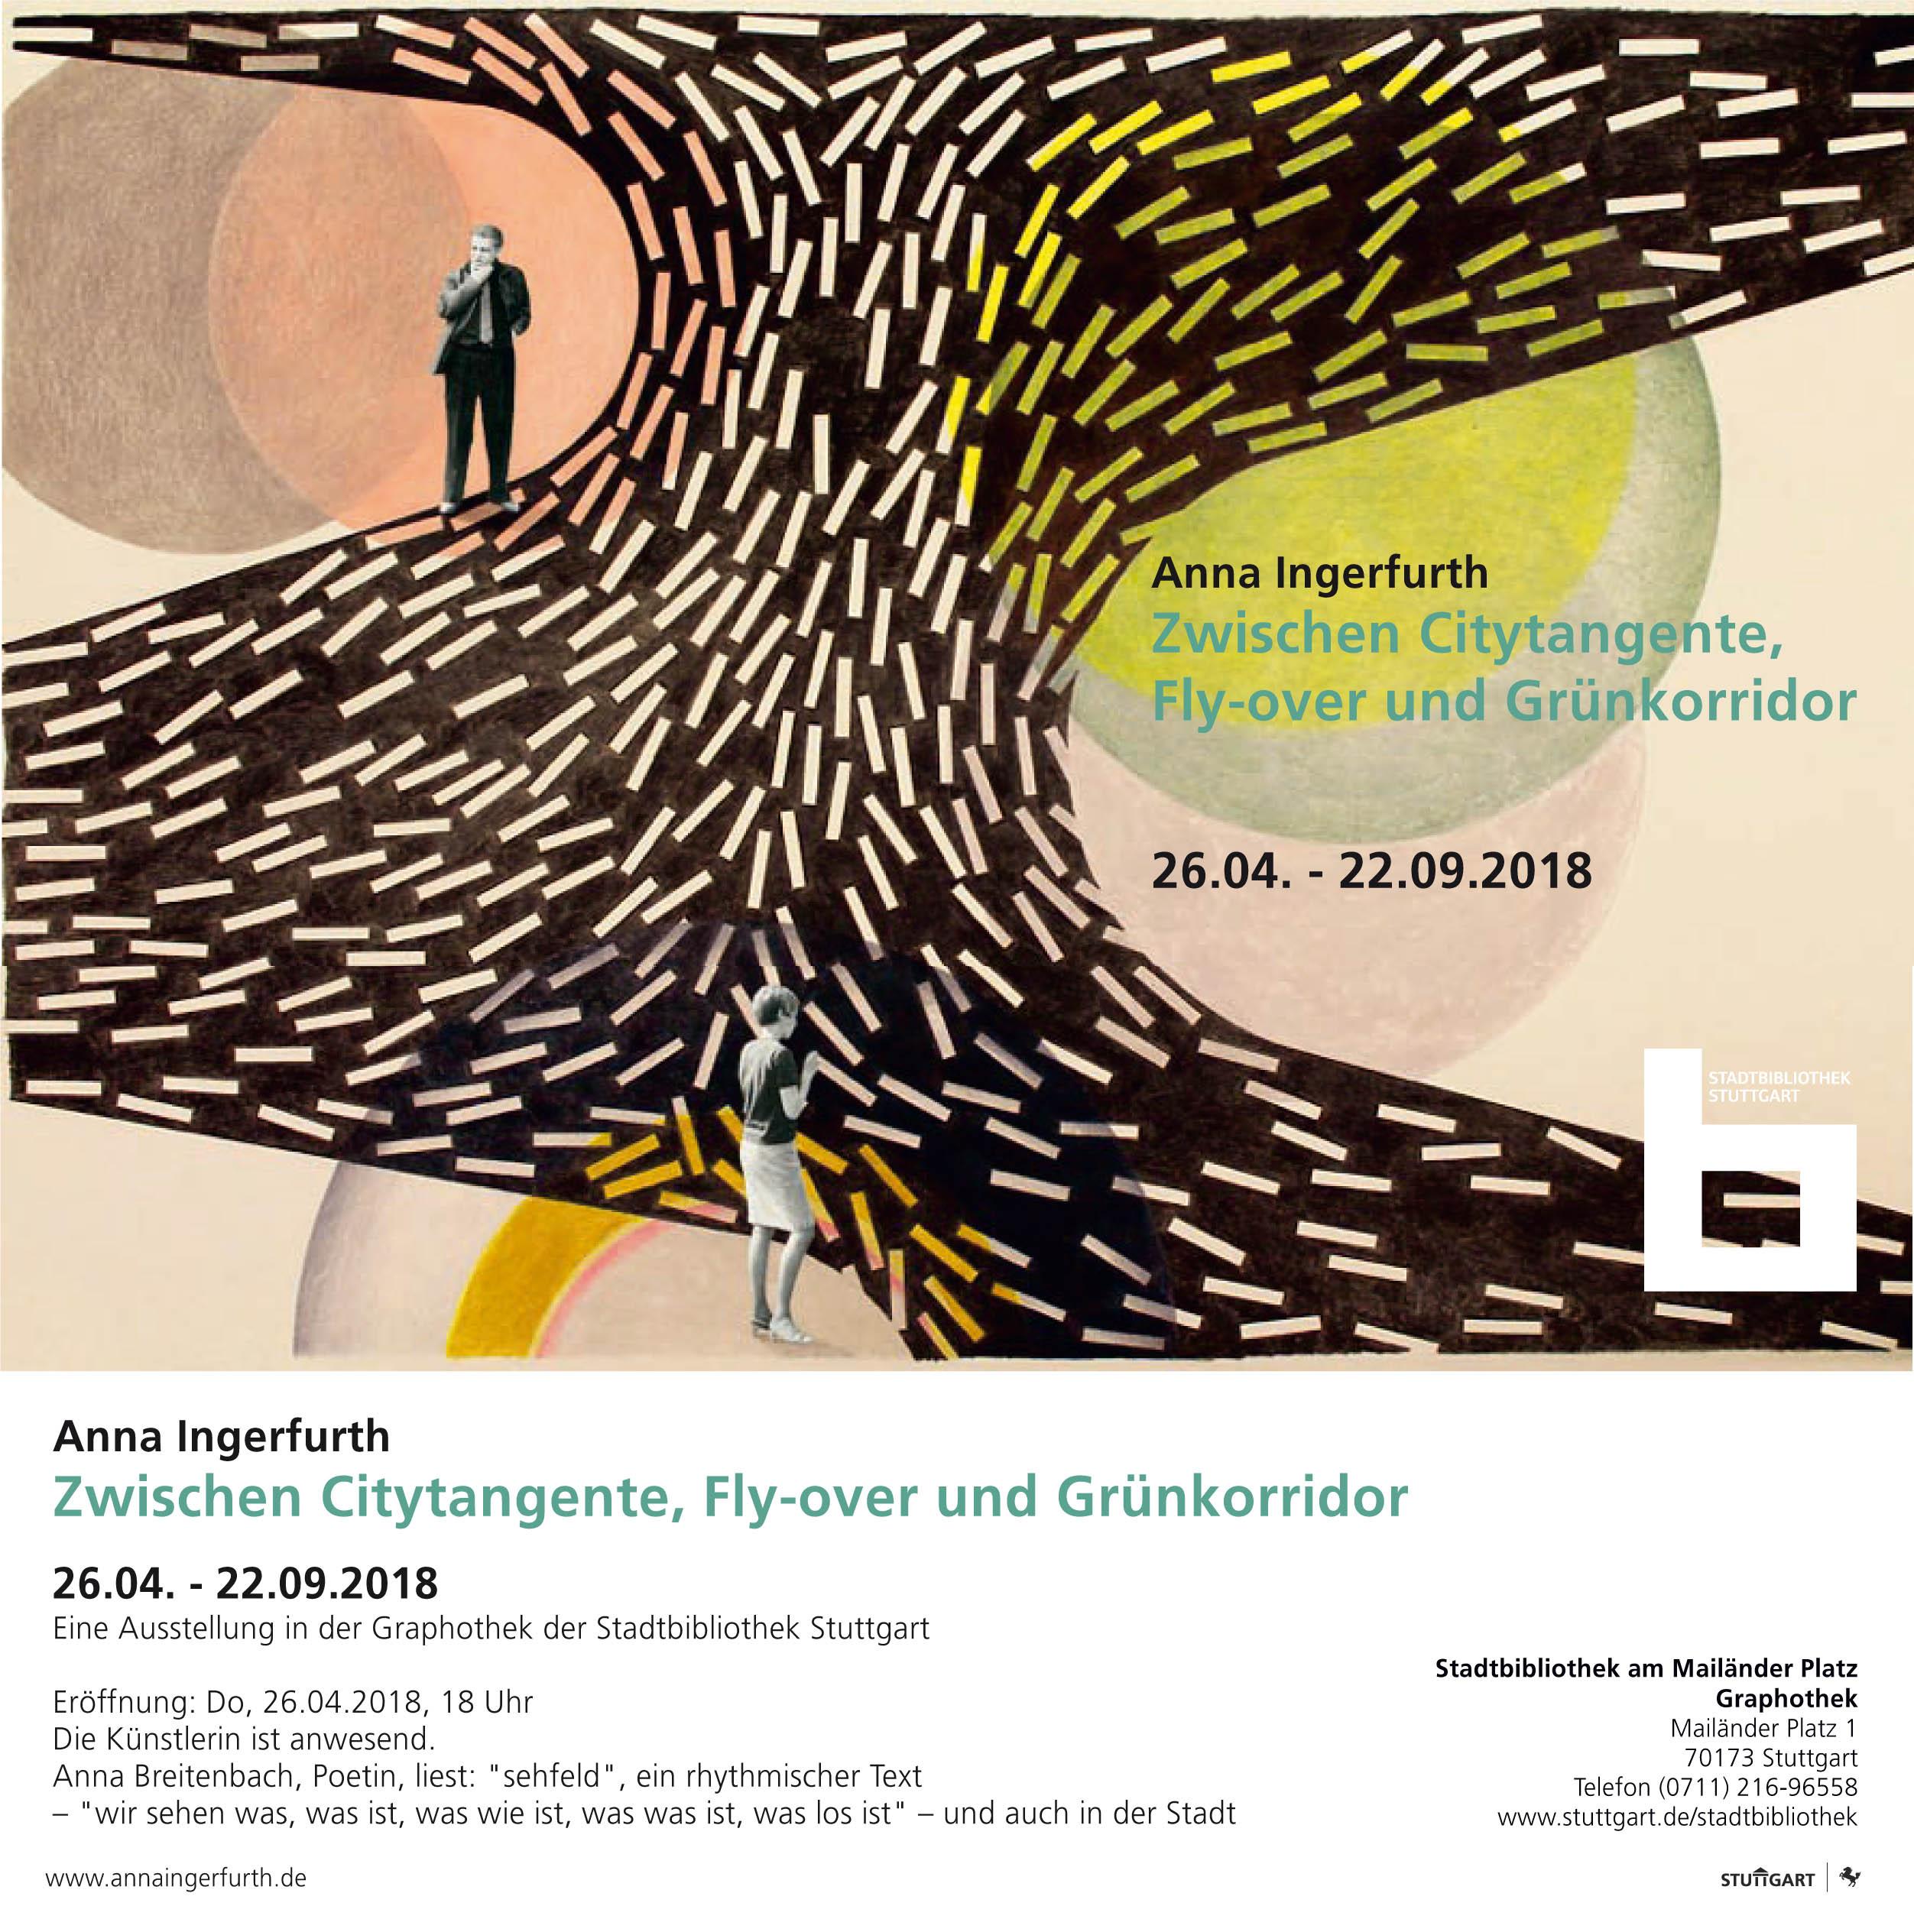 Zwischen Citytangente, Fly-over und Grünkorridor - Anna Ingerfurth